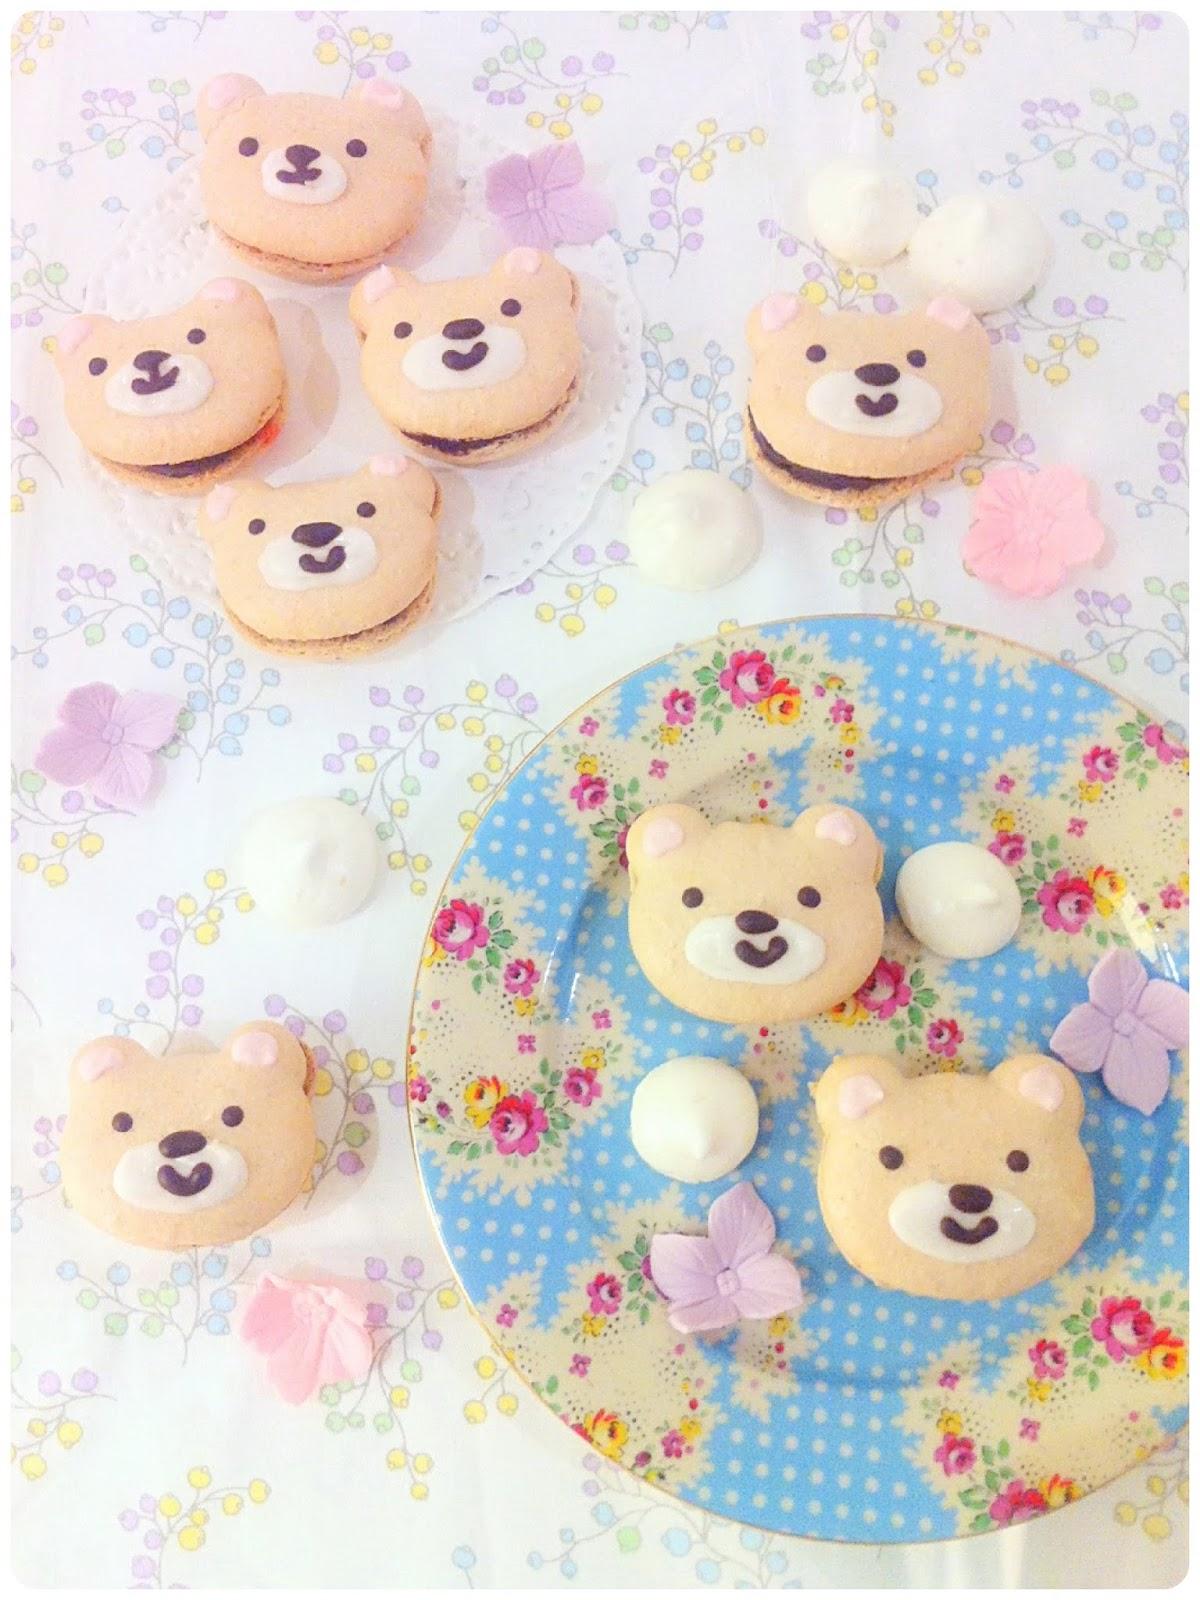 Teddy Bear Chocolate Macarons Cherie Kelly Cake LondonCherie Kelly Cake London